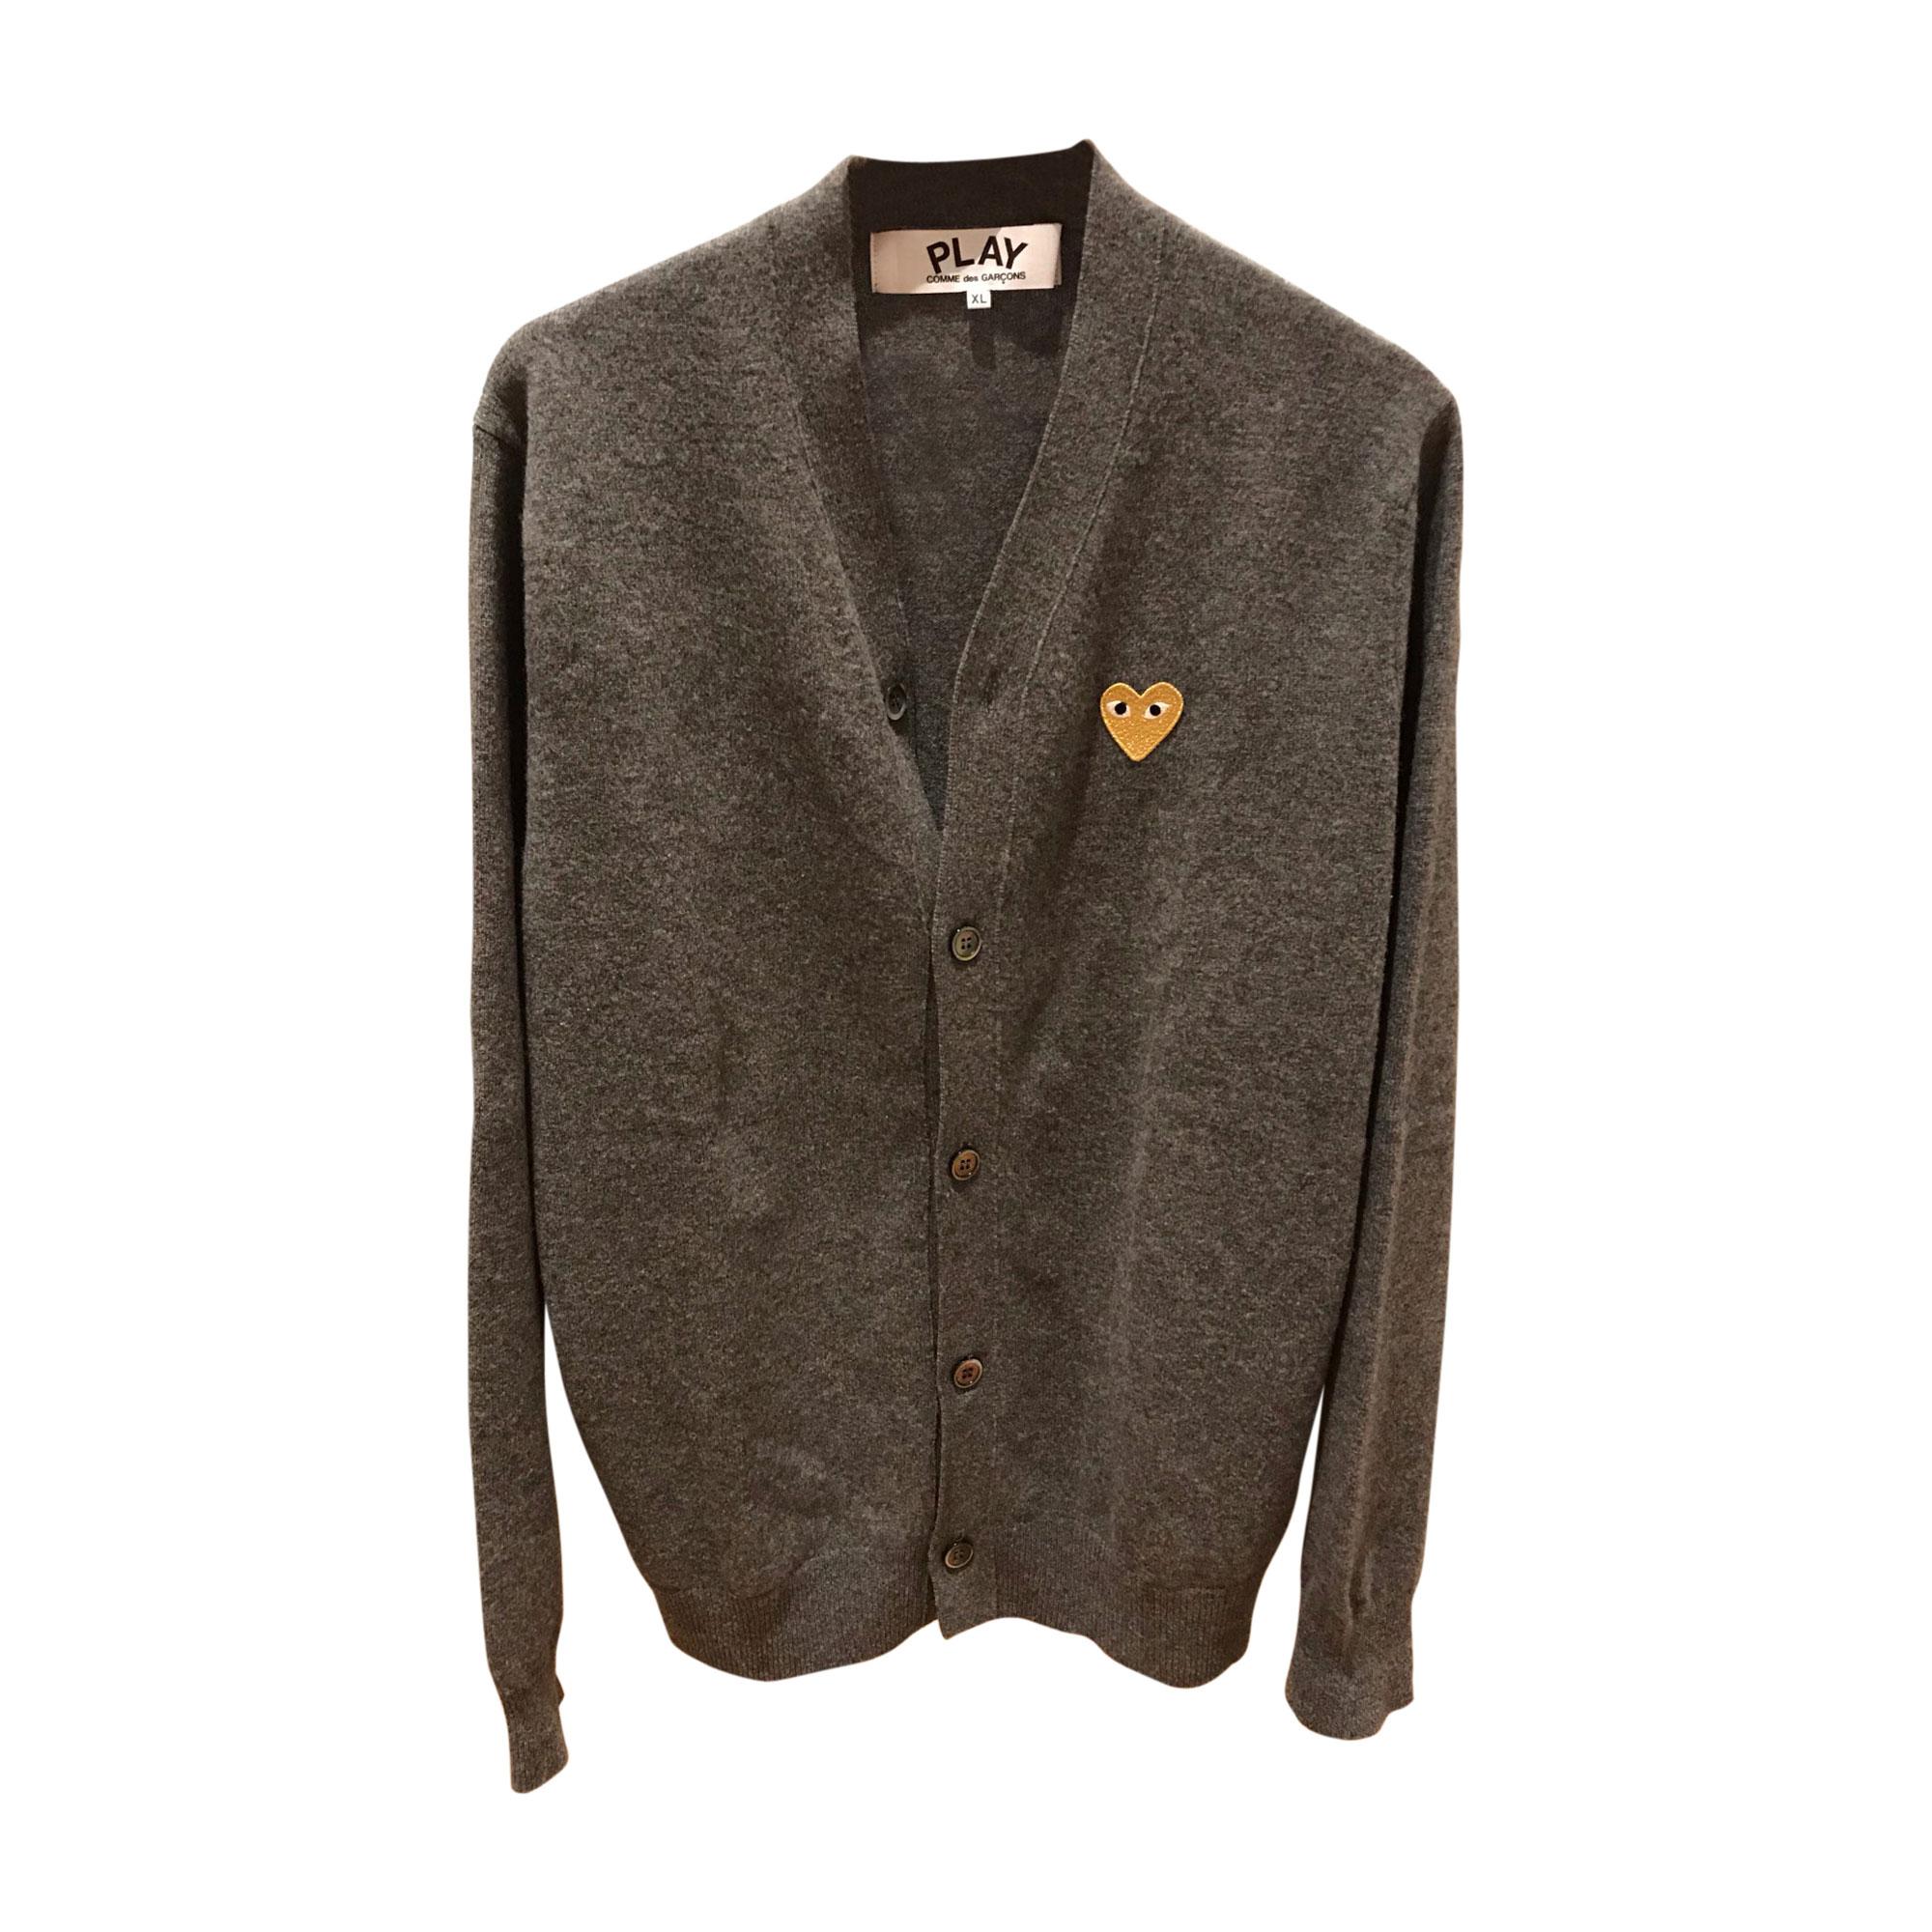 Vest, Cardigan COMME DES GARÇONS PLAY Gray, charcoal